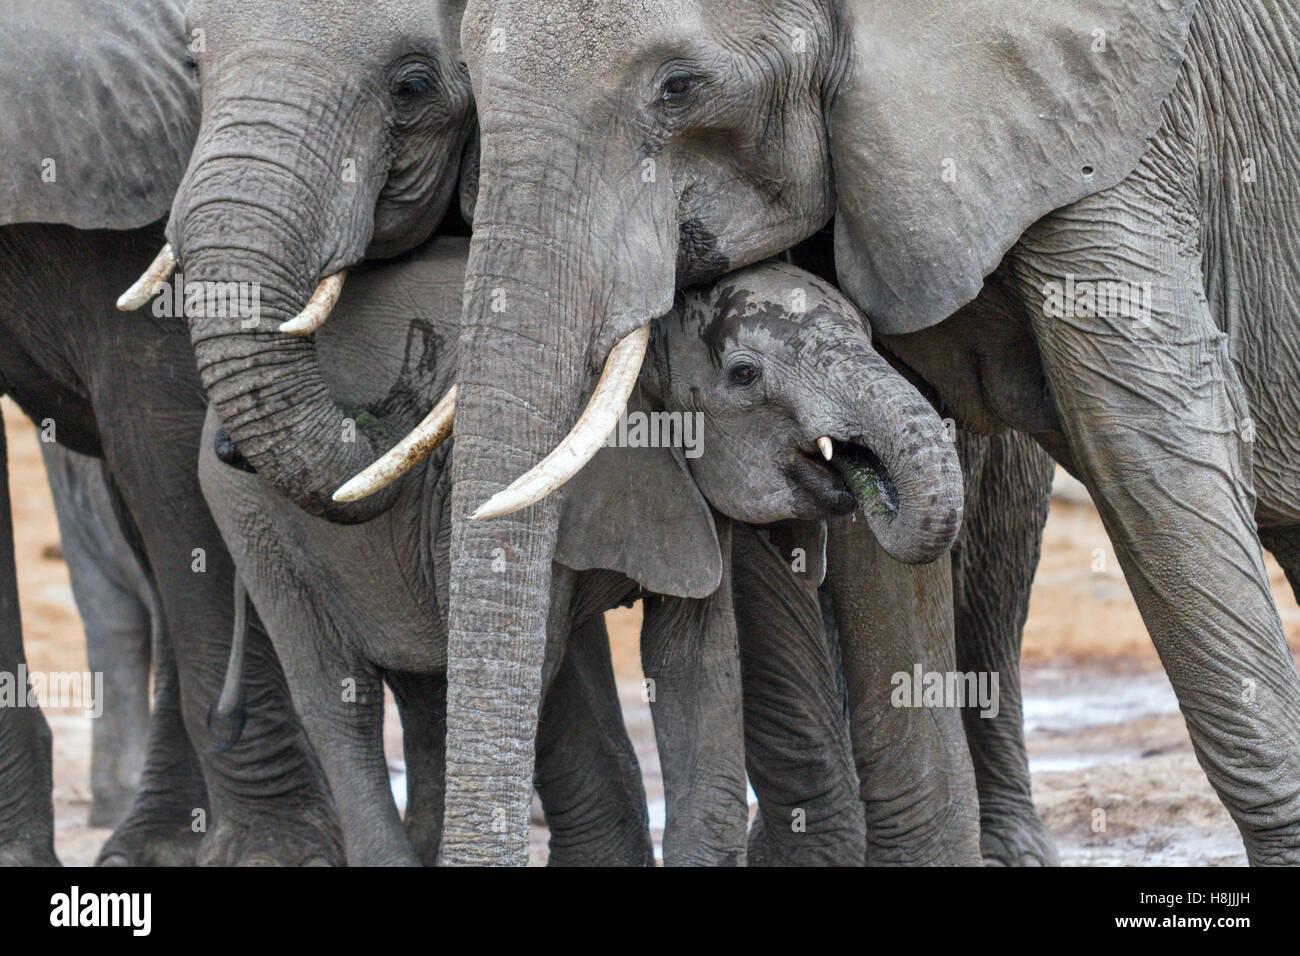 Partie d'une série d'images sur la complexité des interactions sociales de l'éléphant Photo Stock